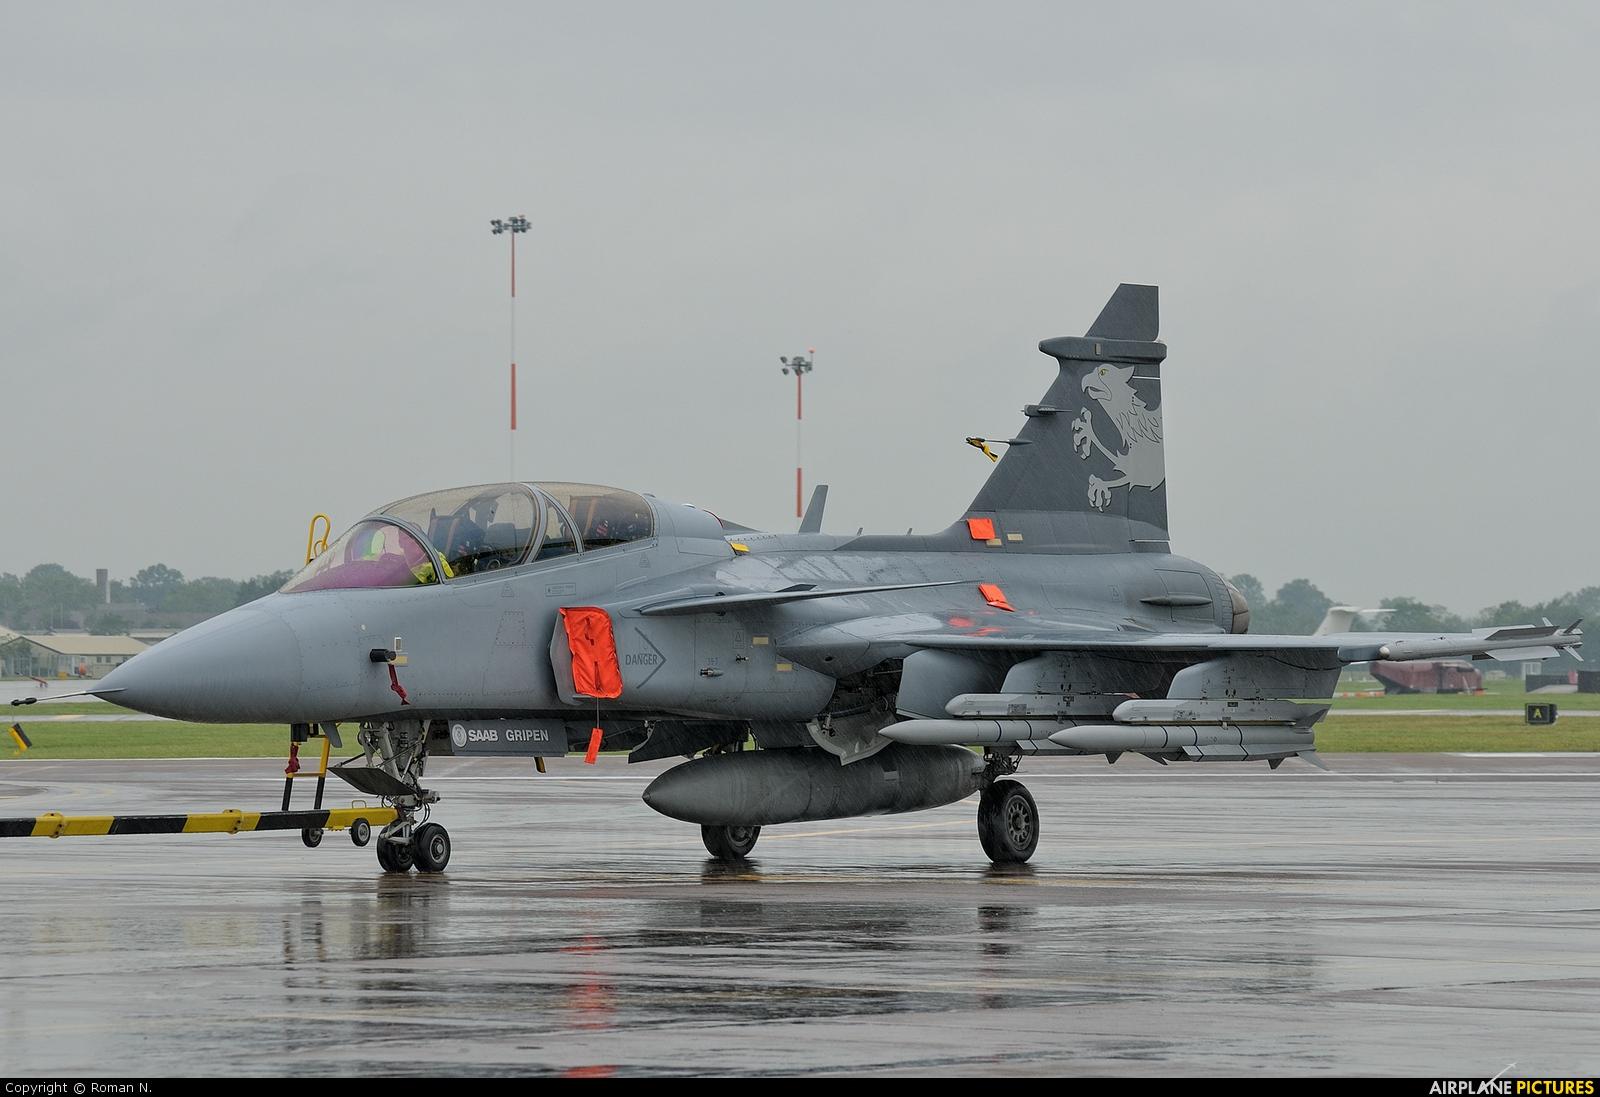 SAAB Aircraft Company 39-7 aircraft at Fairford